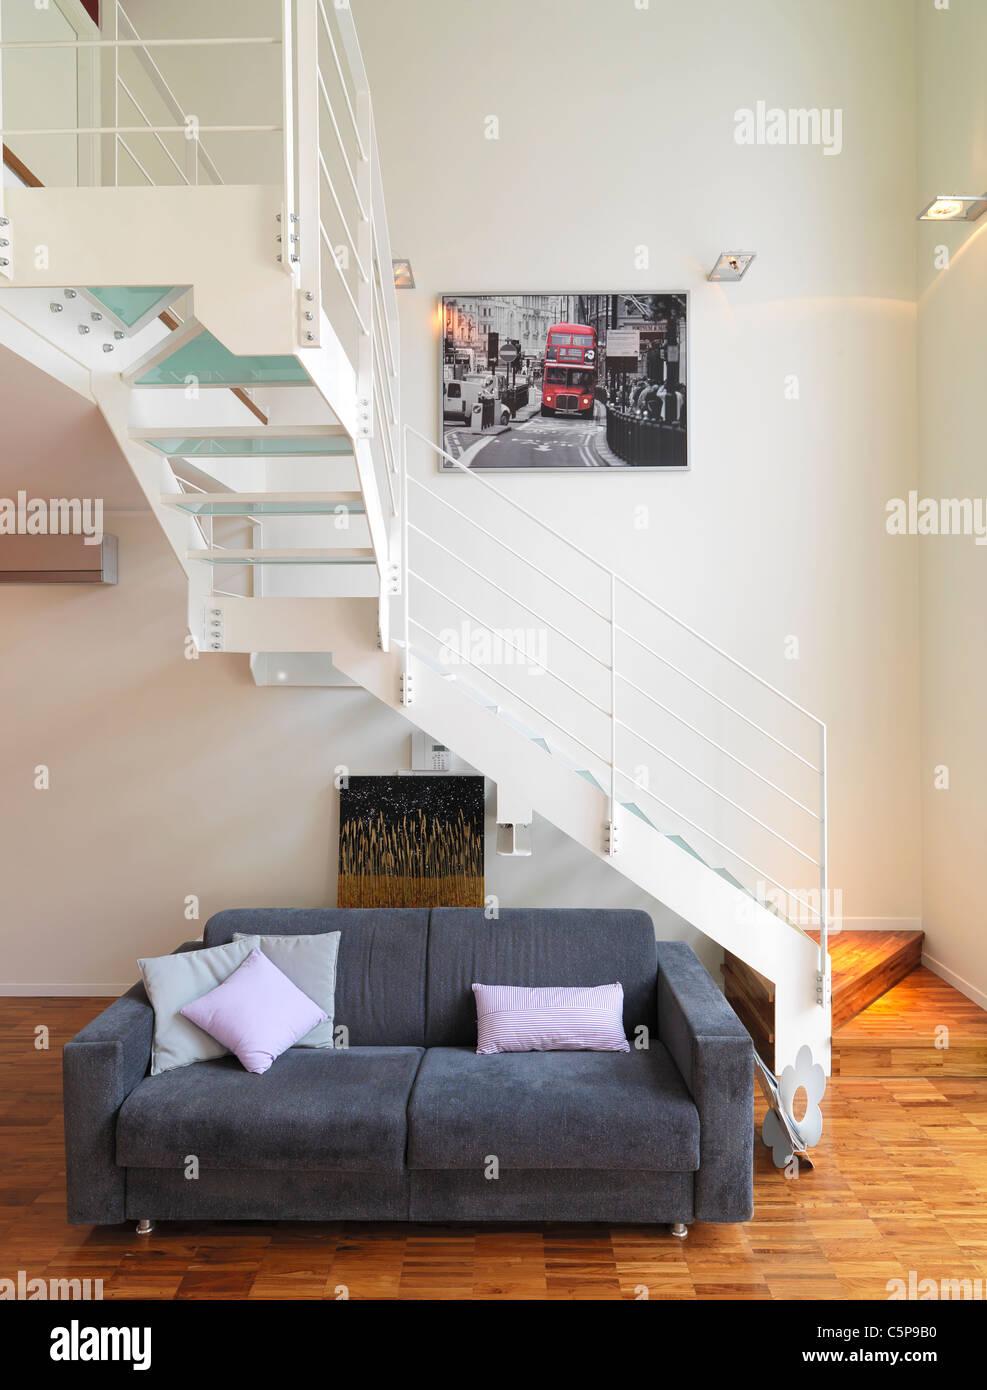 Divano grigio nei pressi di una scalinata con pavimento in legno nel soggiorno Immagini Stock